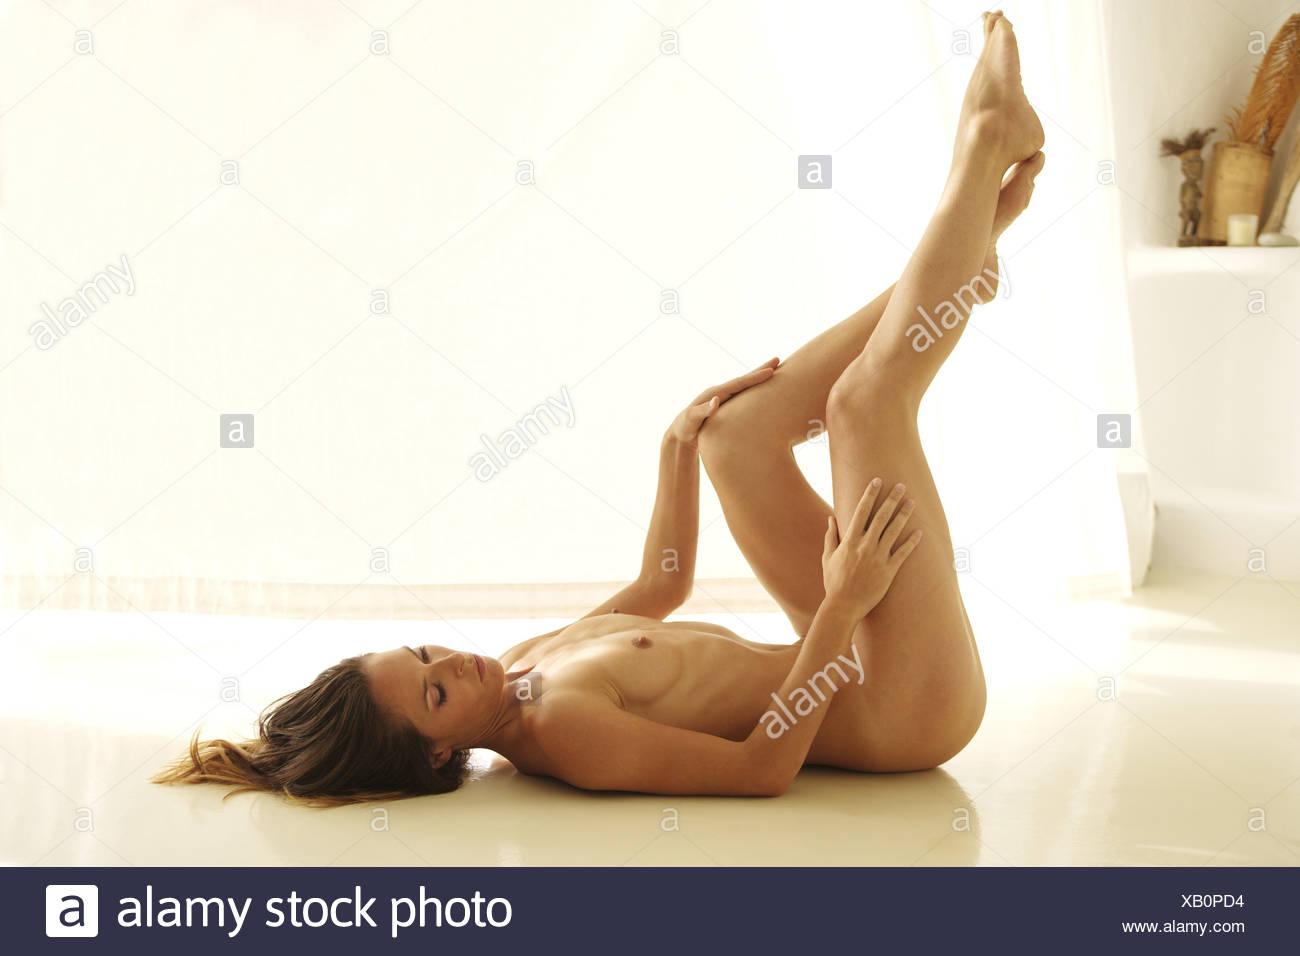 Nackte frauen schlanke Geile Frauen